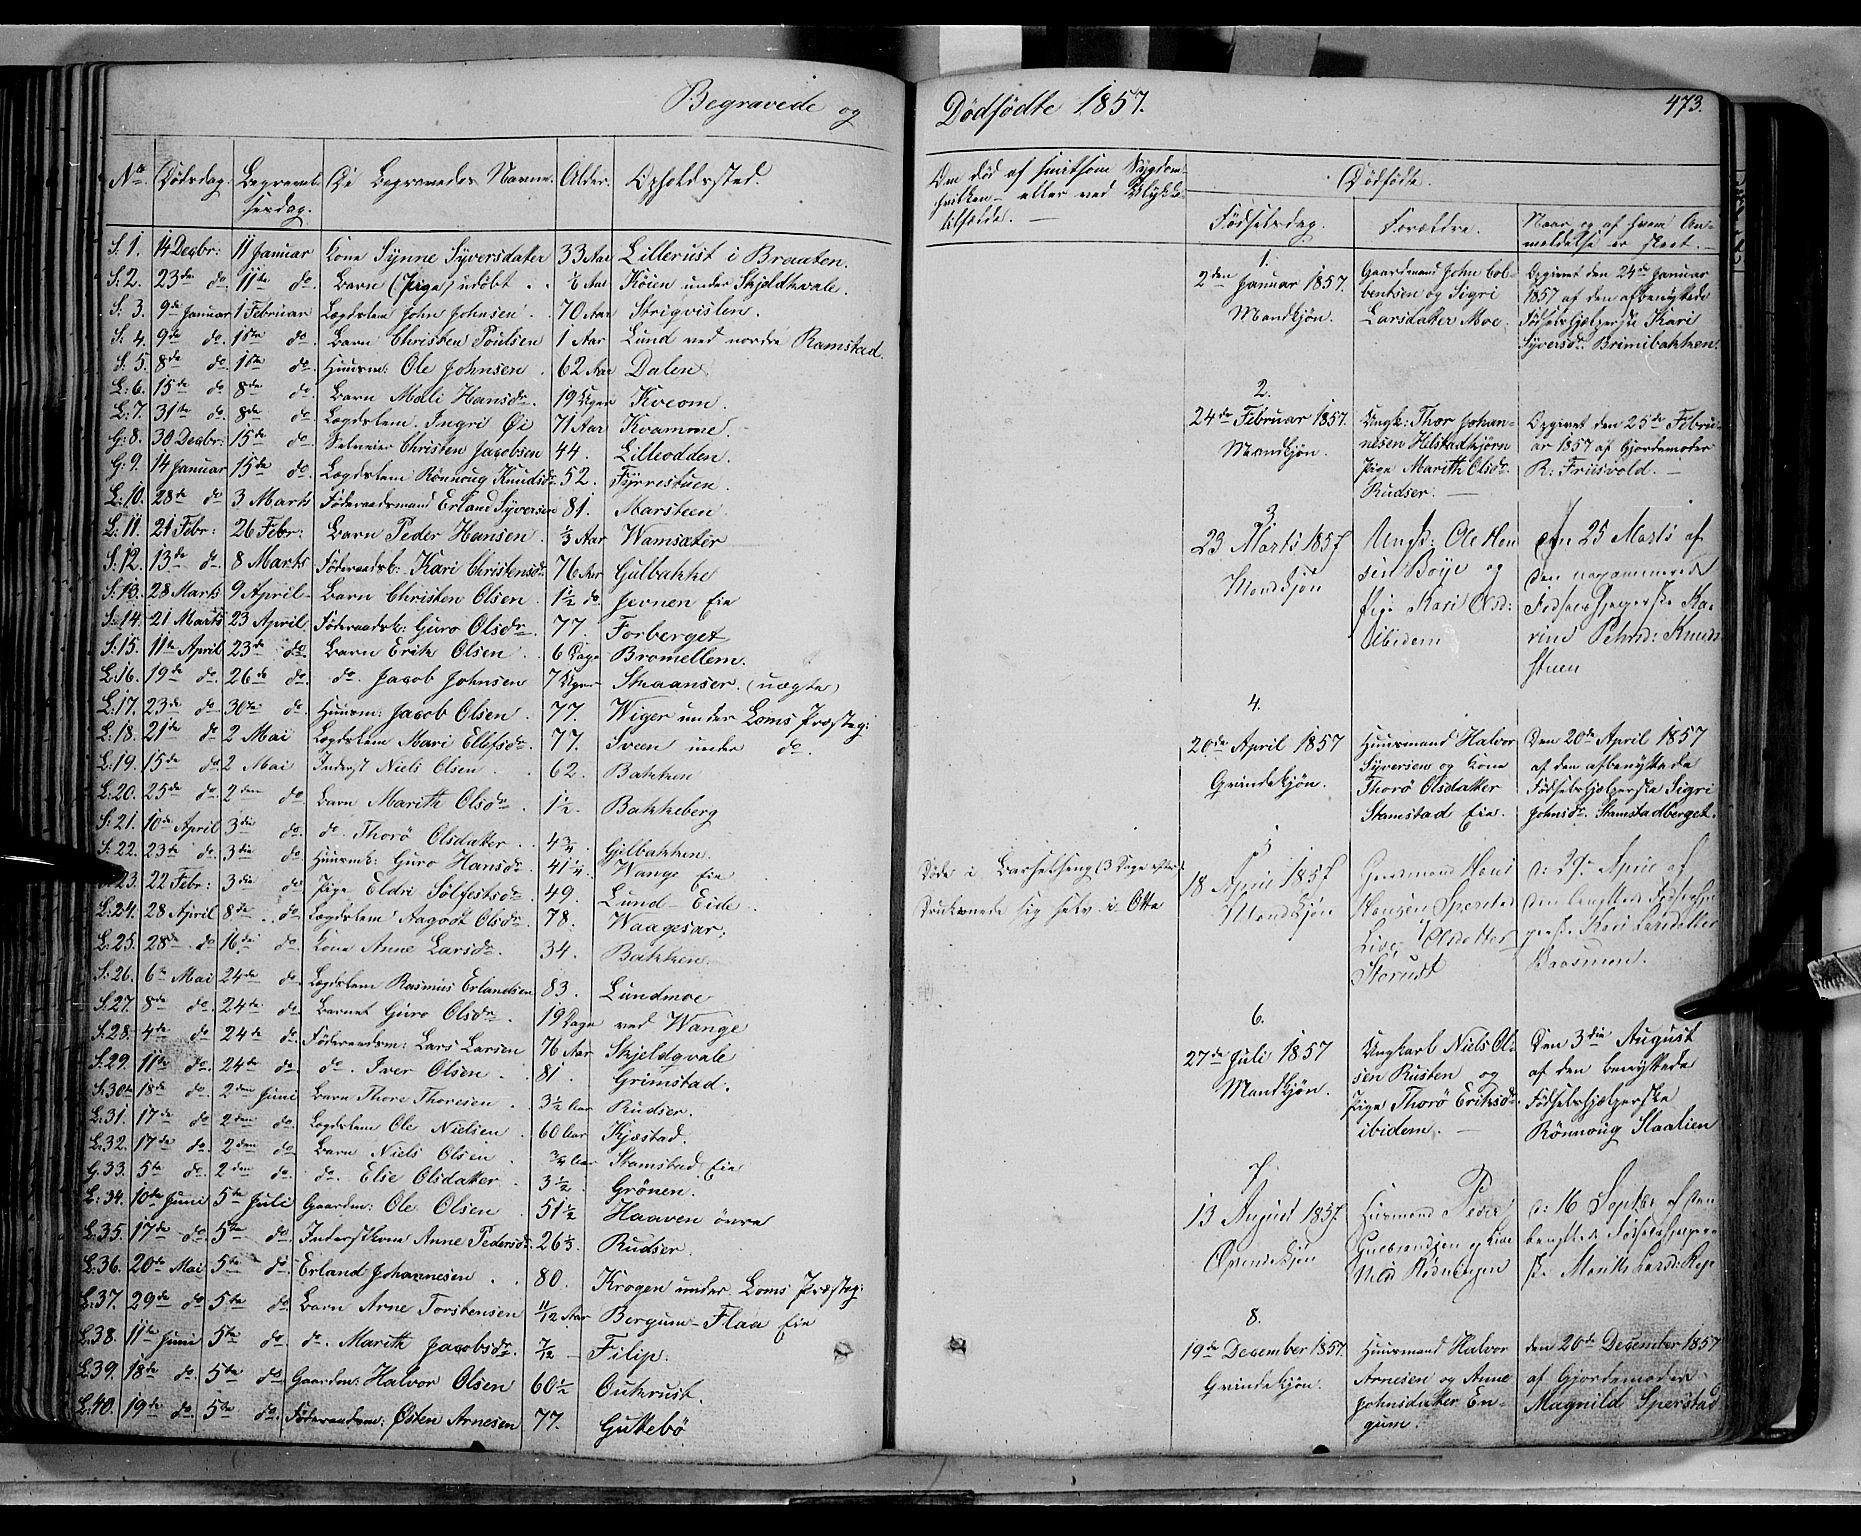 SAH, Lom prestekontor, K/L0006: Ministerialbok nr. 6B, 1837-1863, s. 473